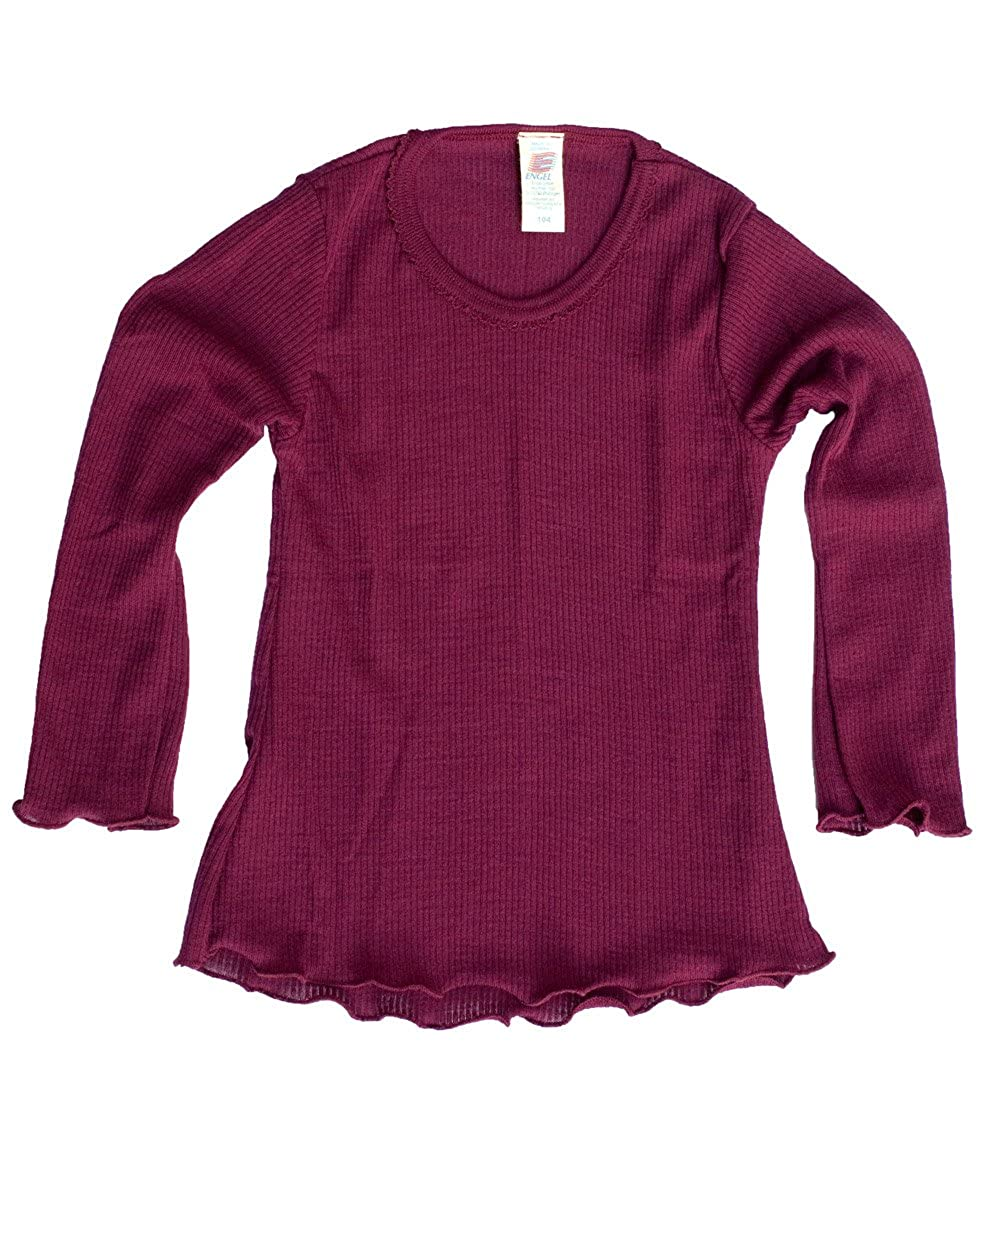 Engel Natur, Mädchen Shirt, Wolle und Seide Mädchen Shirt 777811